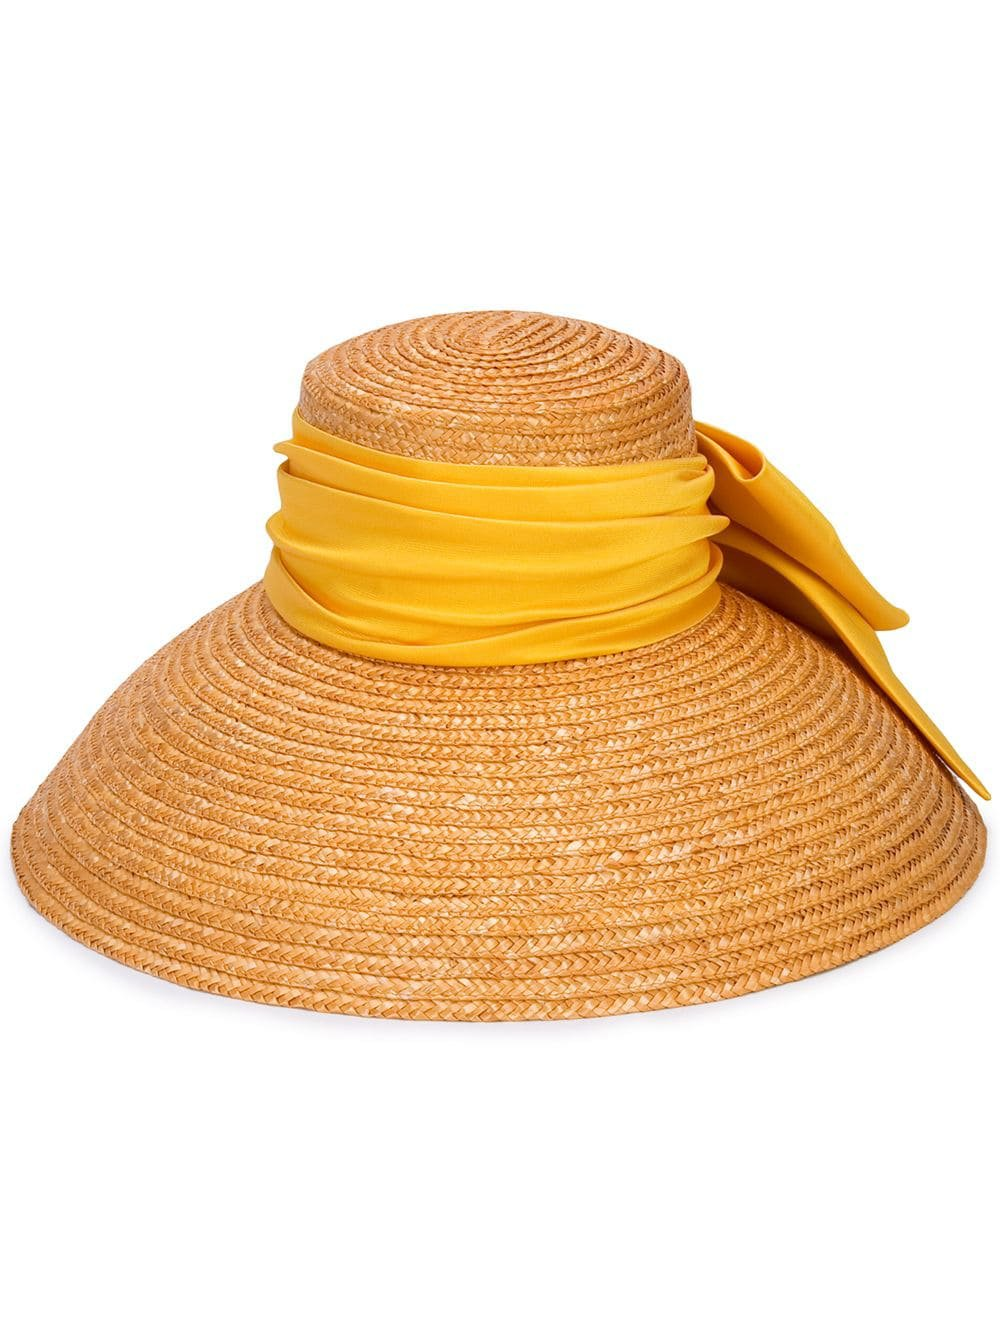 Eugenia Kim Large Summer Hat - Farfetch